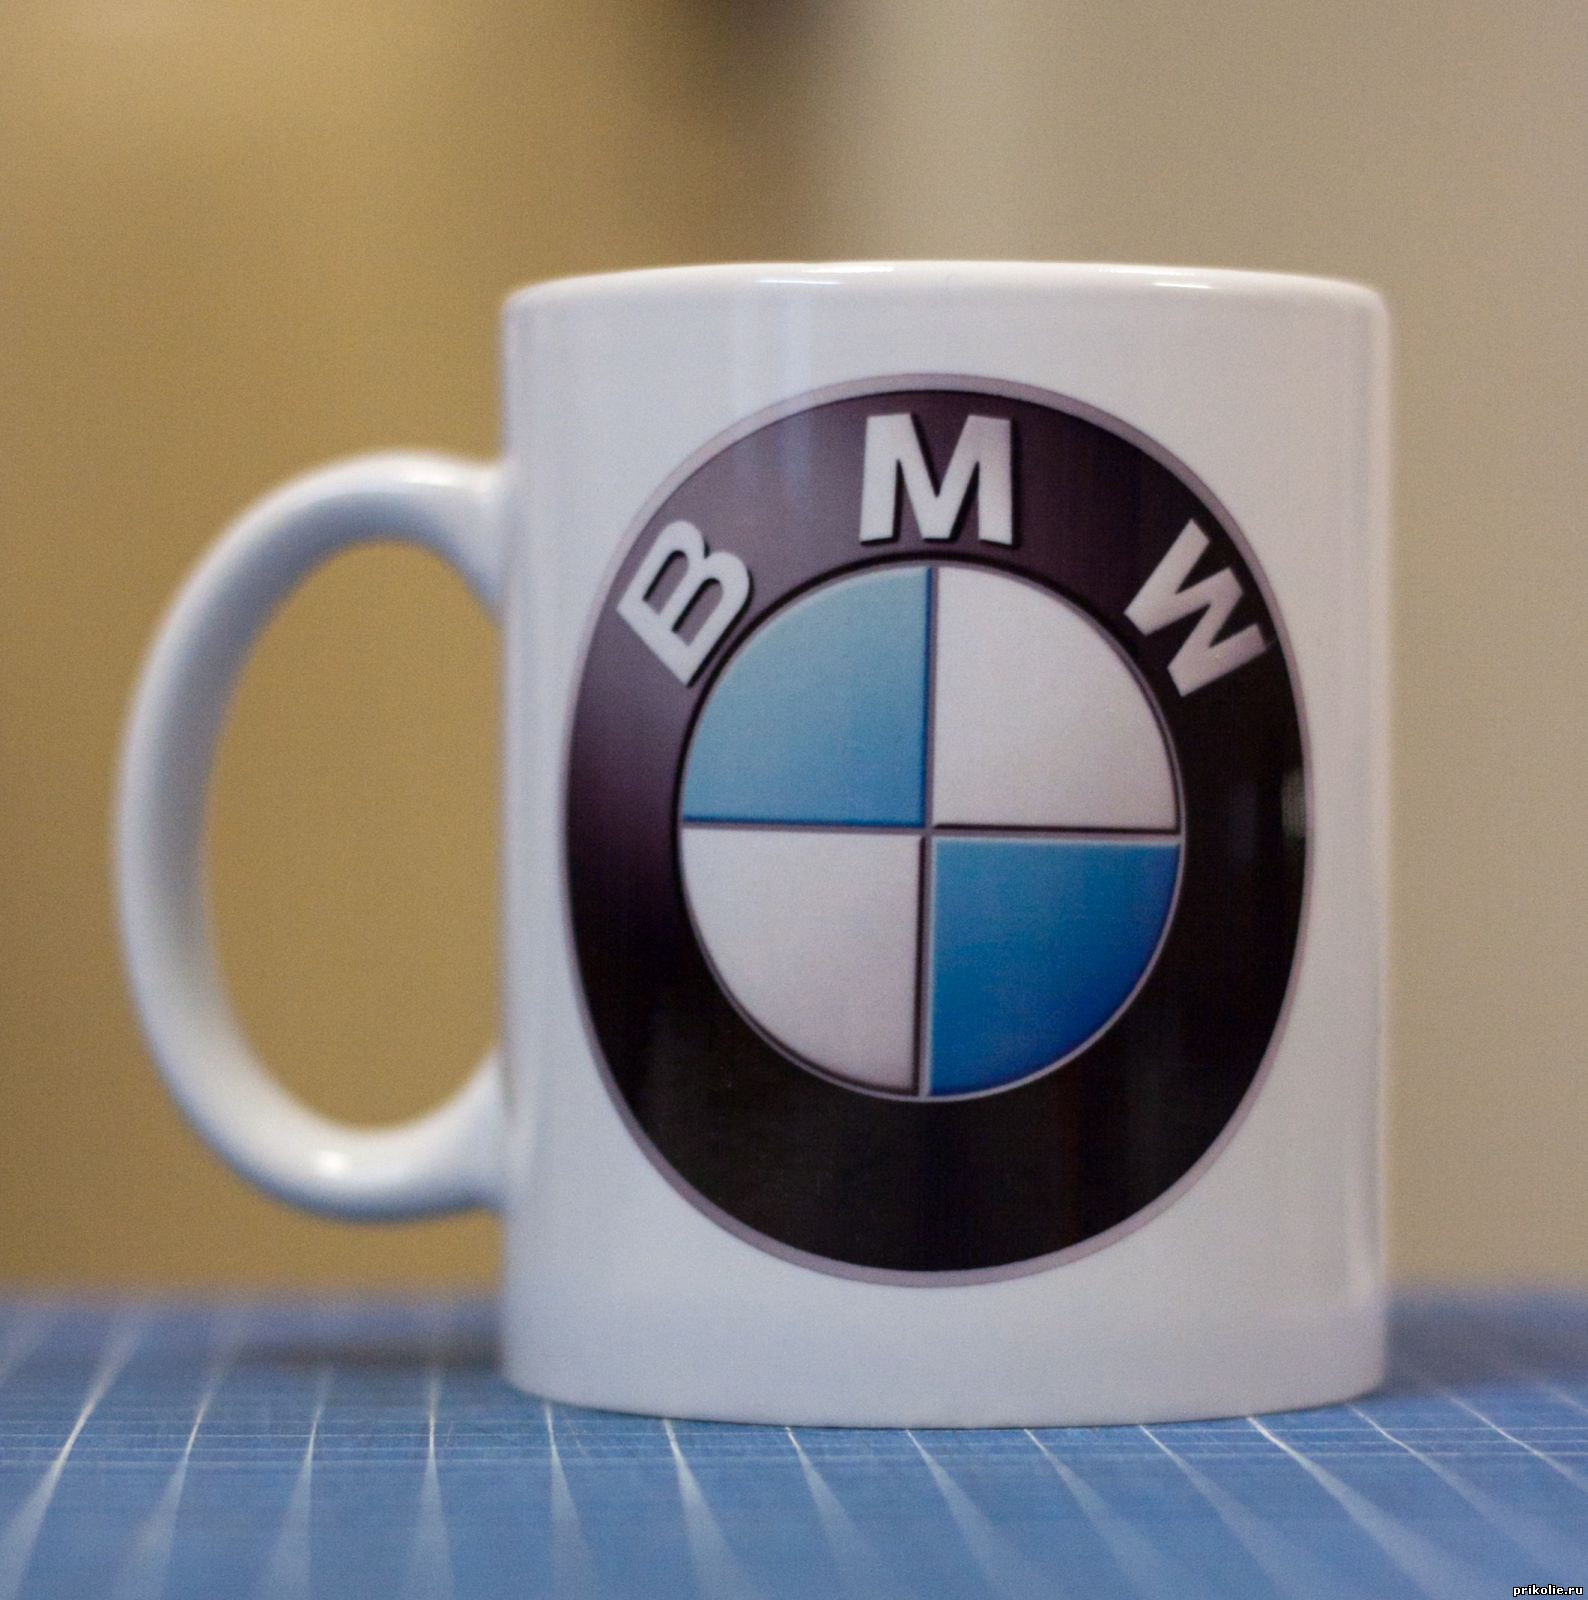 Кружка с логотипом в Новороссийске на заказ +79883208652